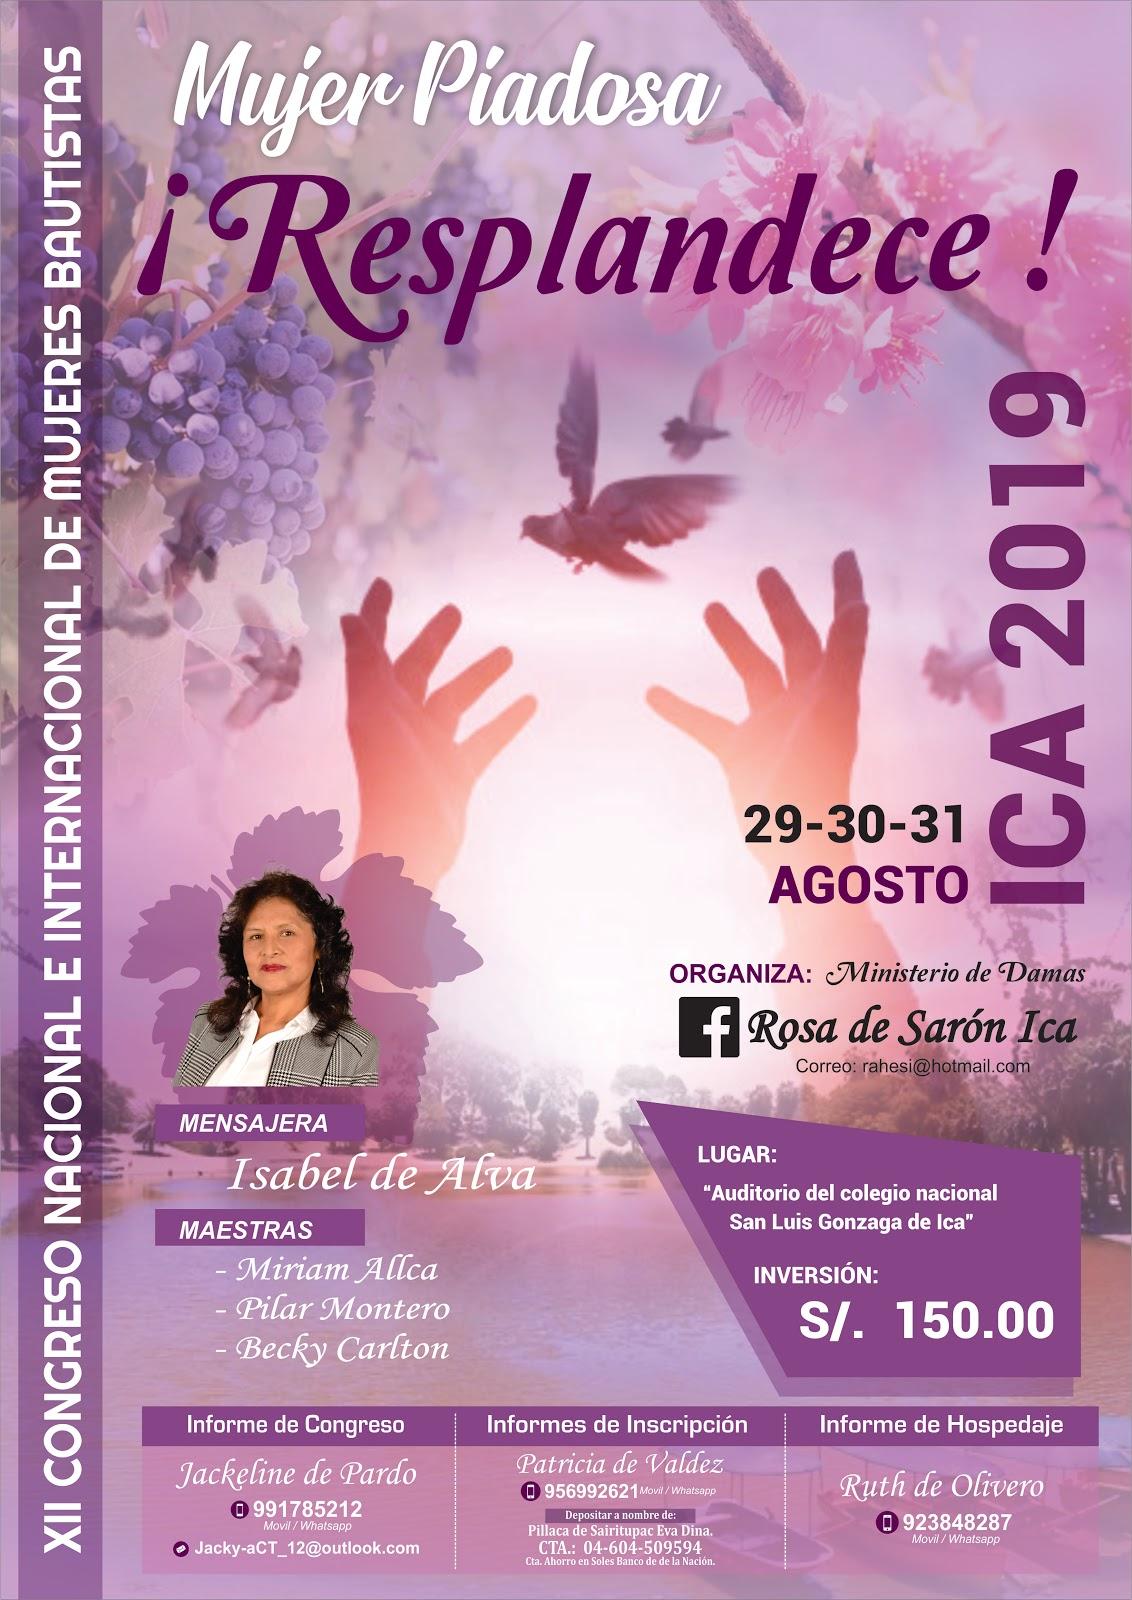 Congreso de mujeres cristianas 2019